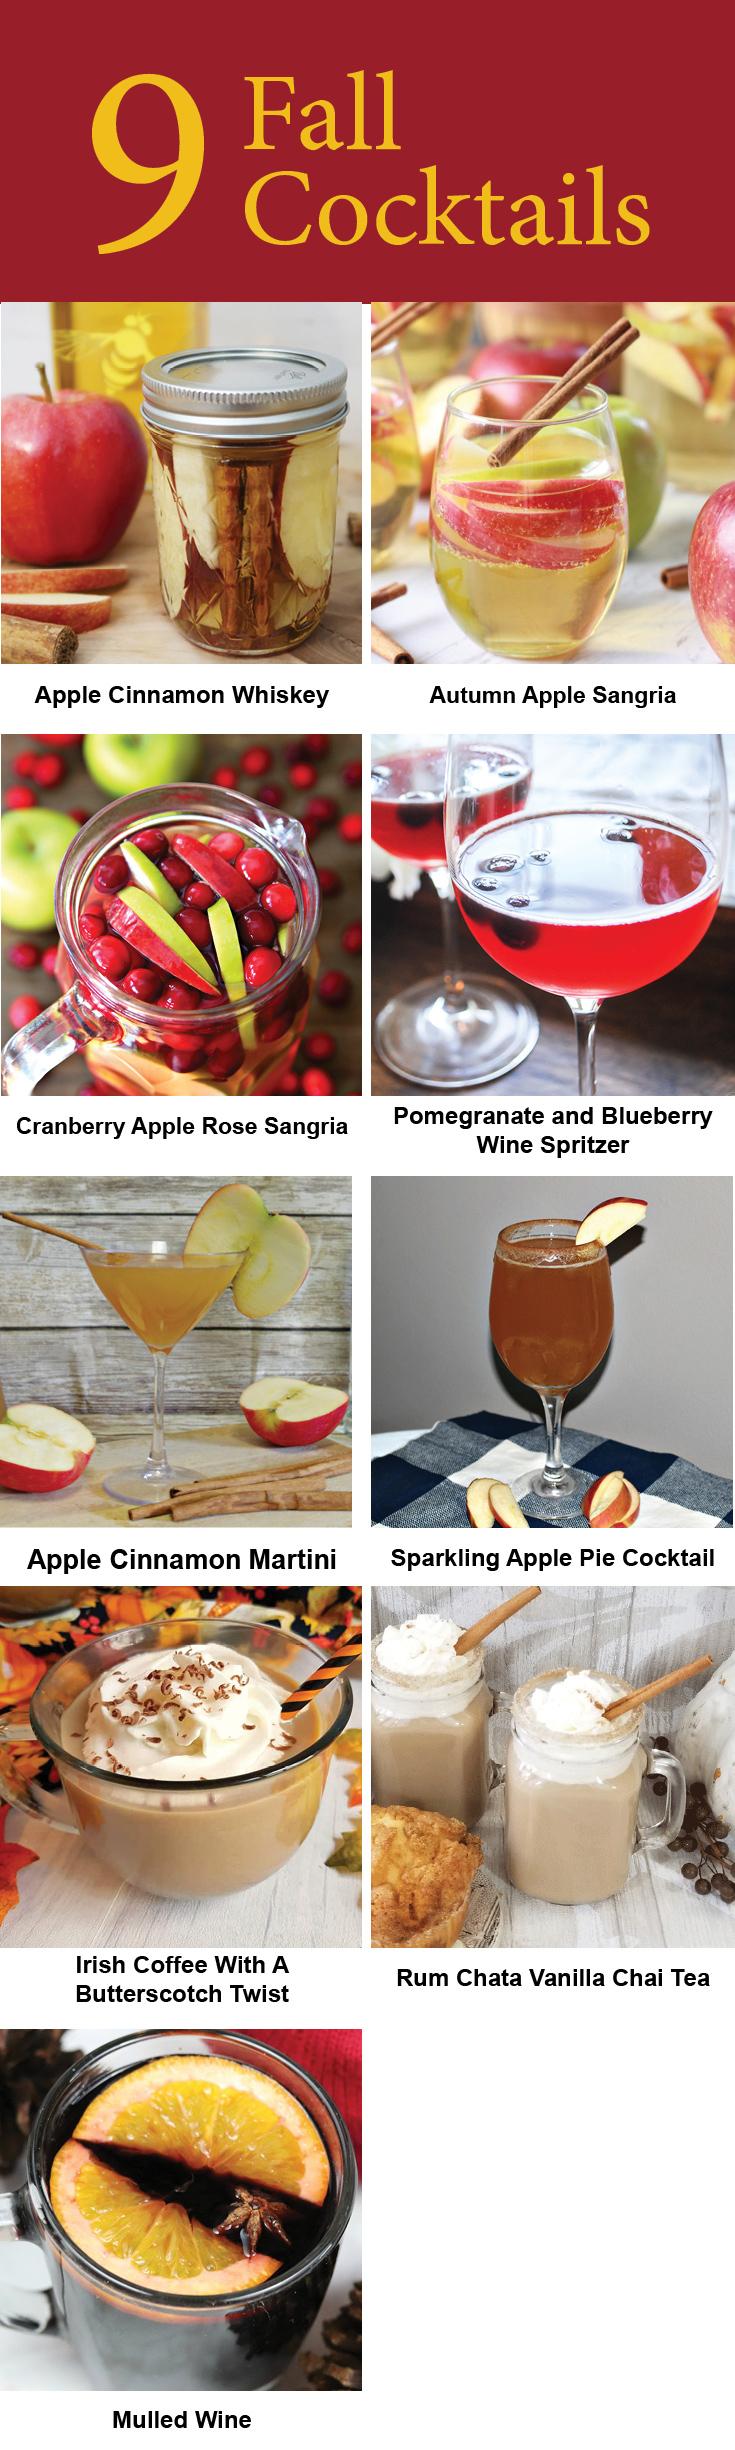 9-Fall-Cocktails_sm.jpg